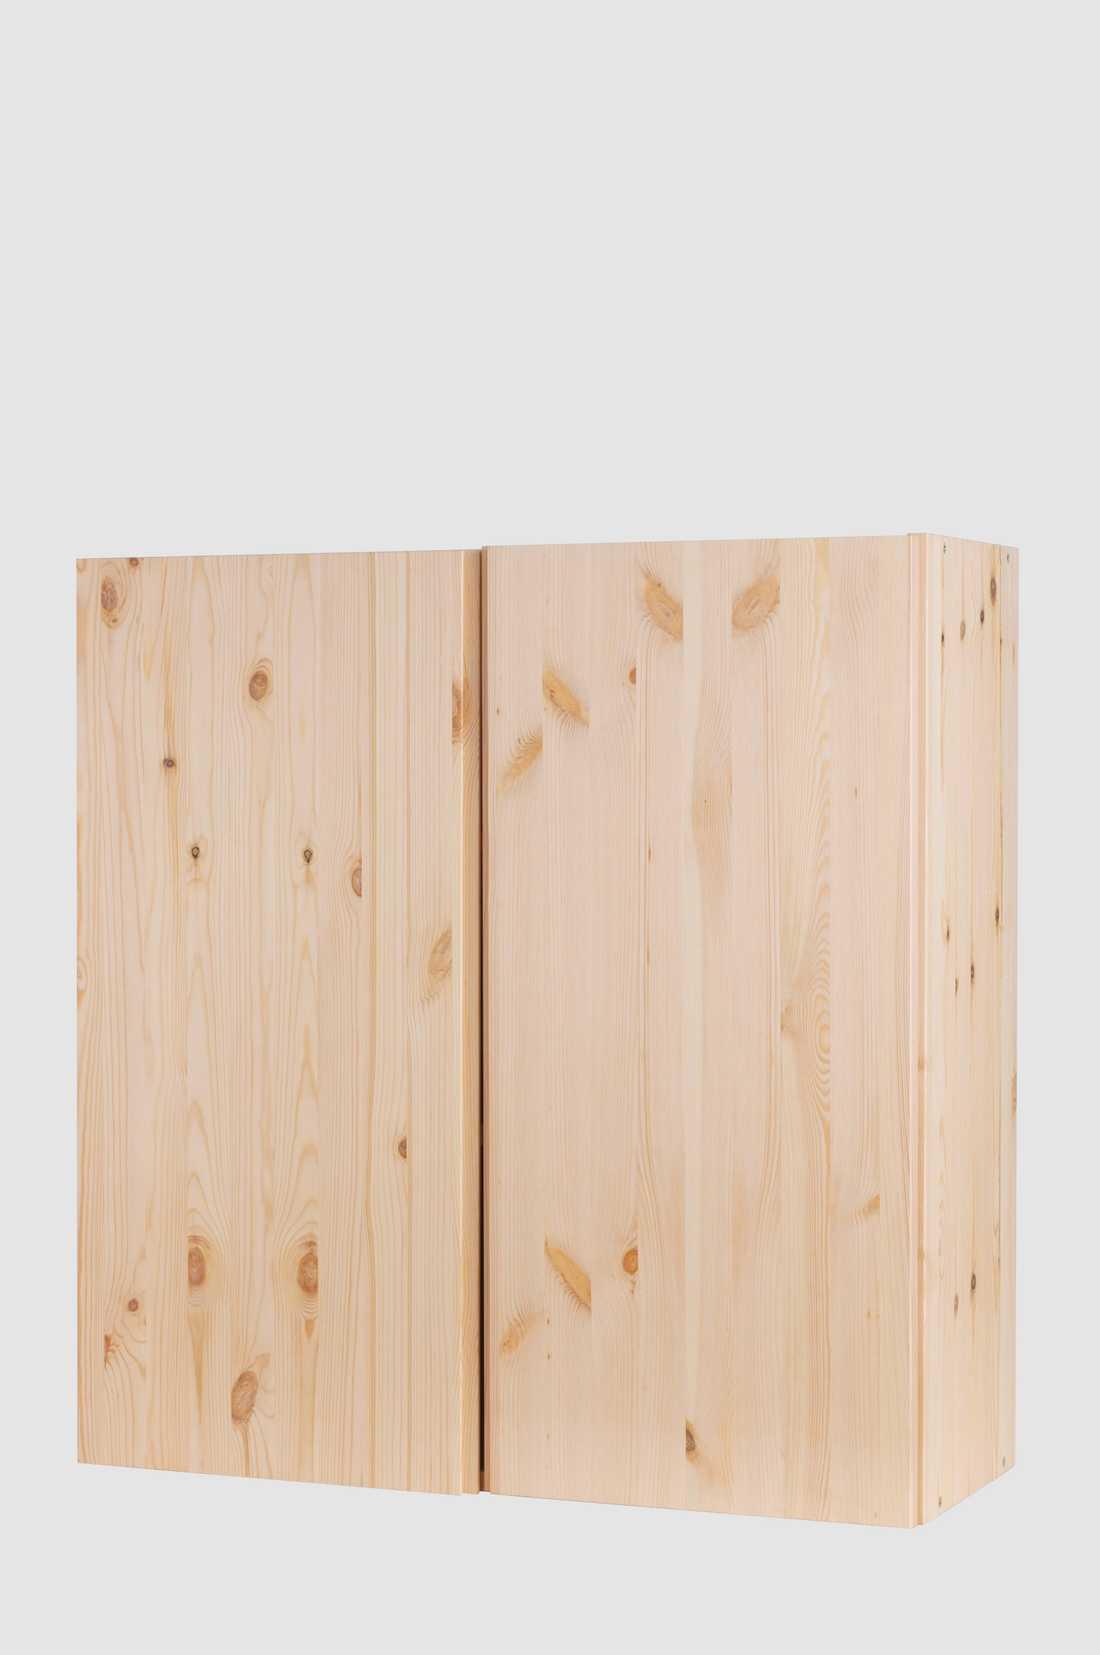 Ivar: Den är en superbra möbel att göra om. Den är obehandlad och lätt att gå loss på och klä i tyg eller textil. Väldigt tacksam att jobba med.